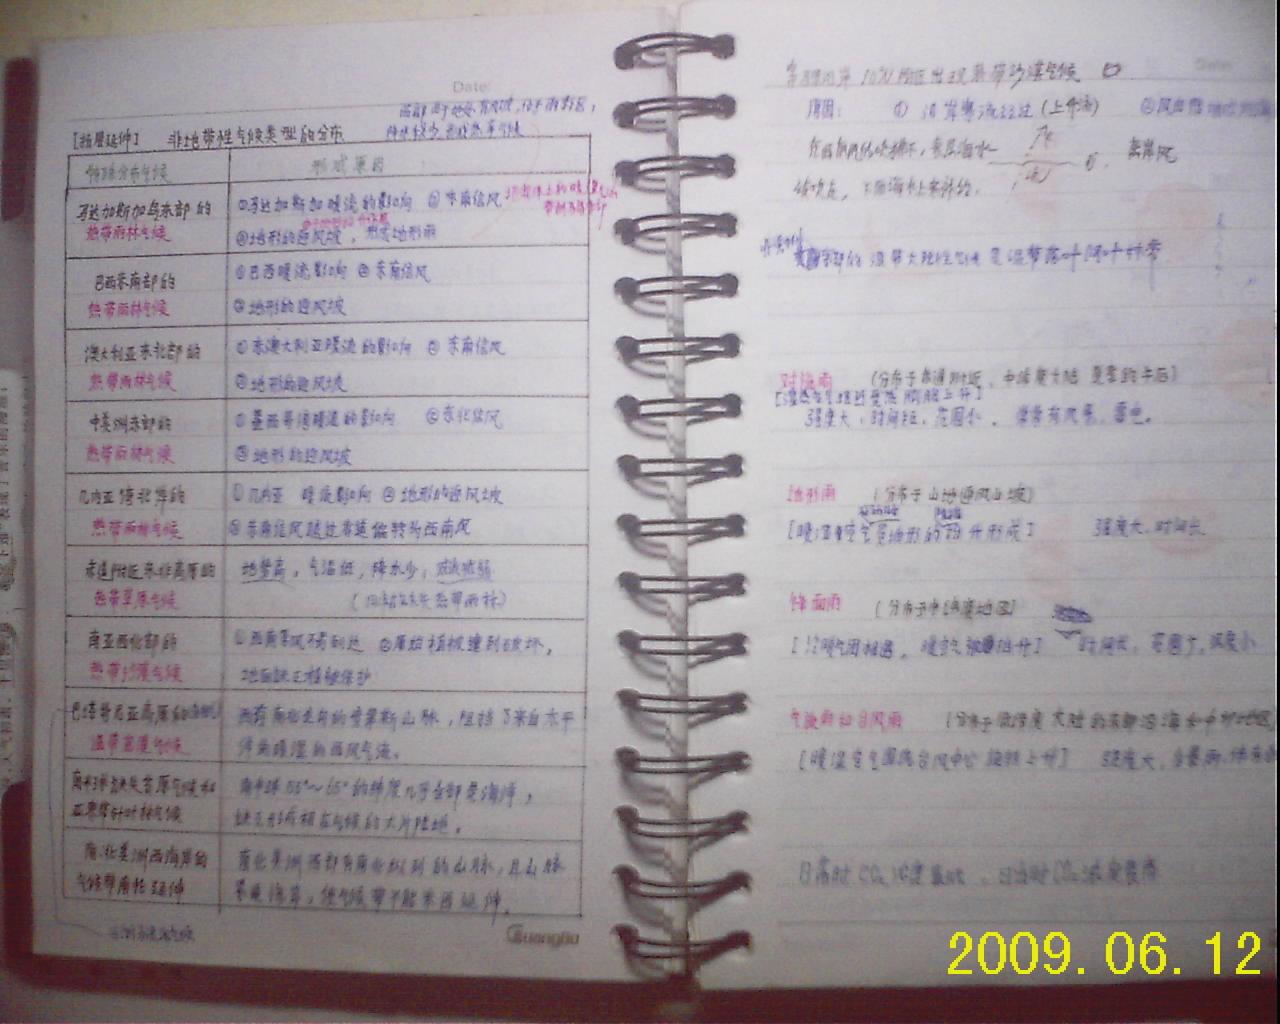 【和盘托出】各科笔记本,错题本(真是图片,值得借鉴.图片